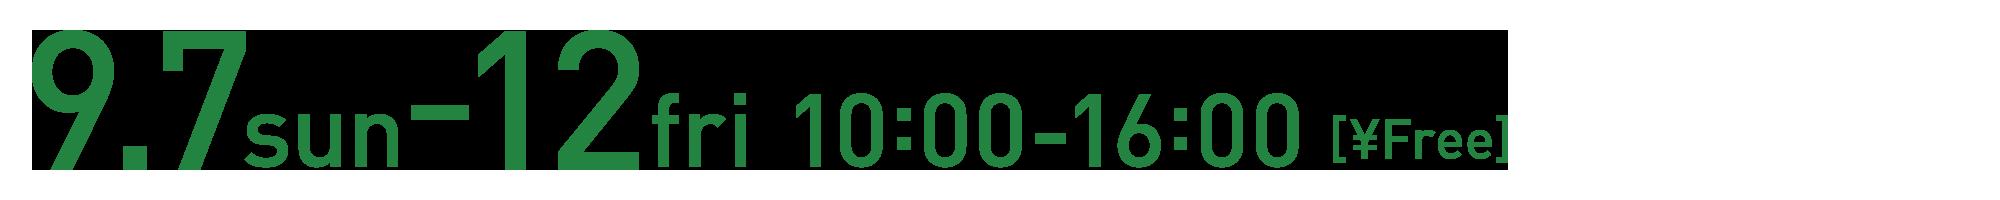 9.7sun-12fri 10:00-16:00 [¥Free]